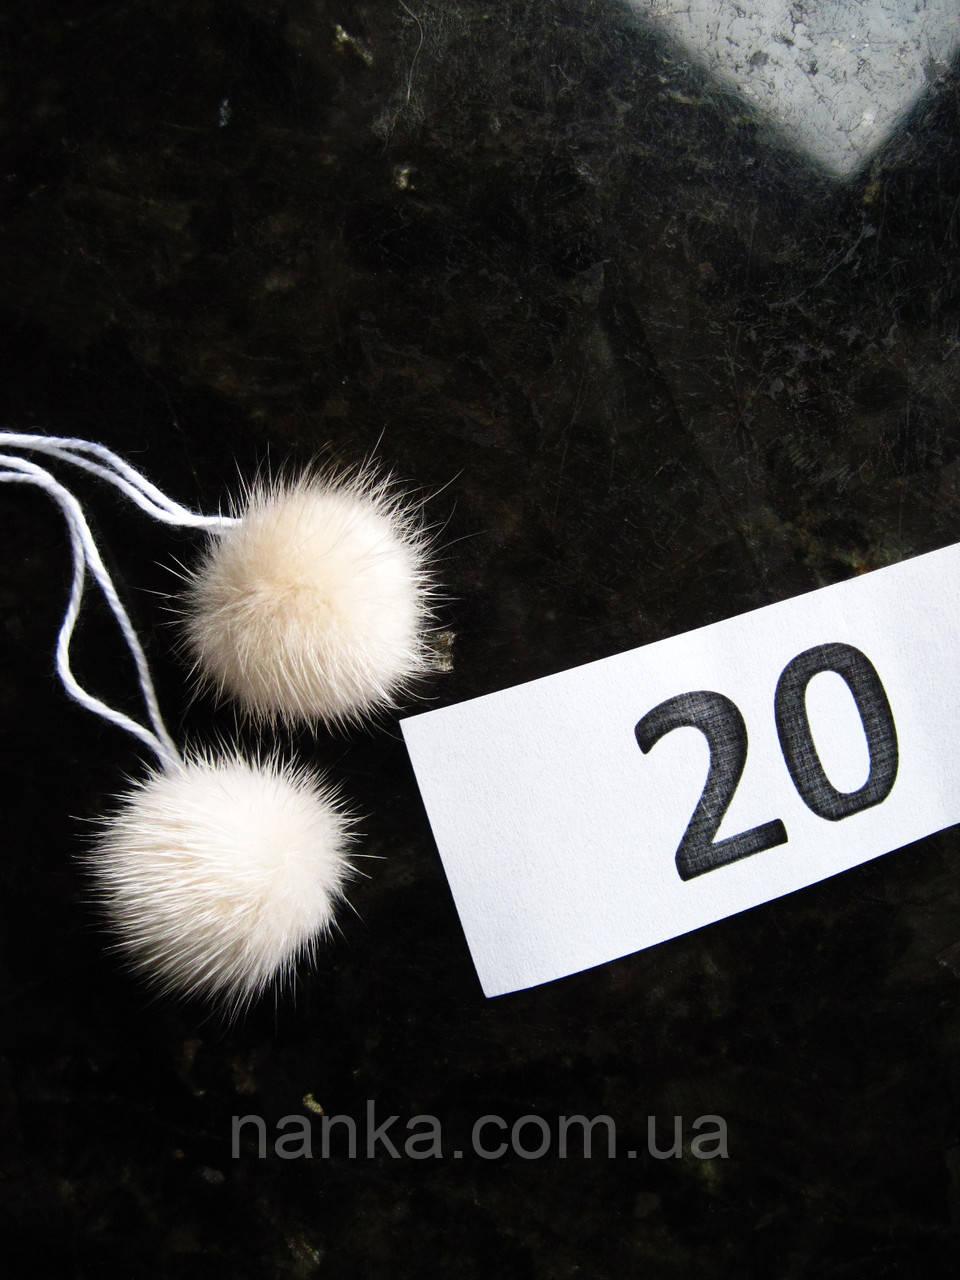 Меховой помпон Норка, Св. пудра, 1,5 см, пара 20